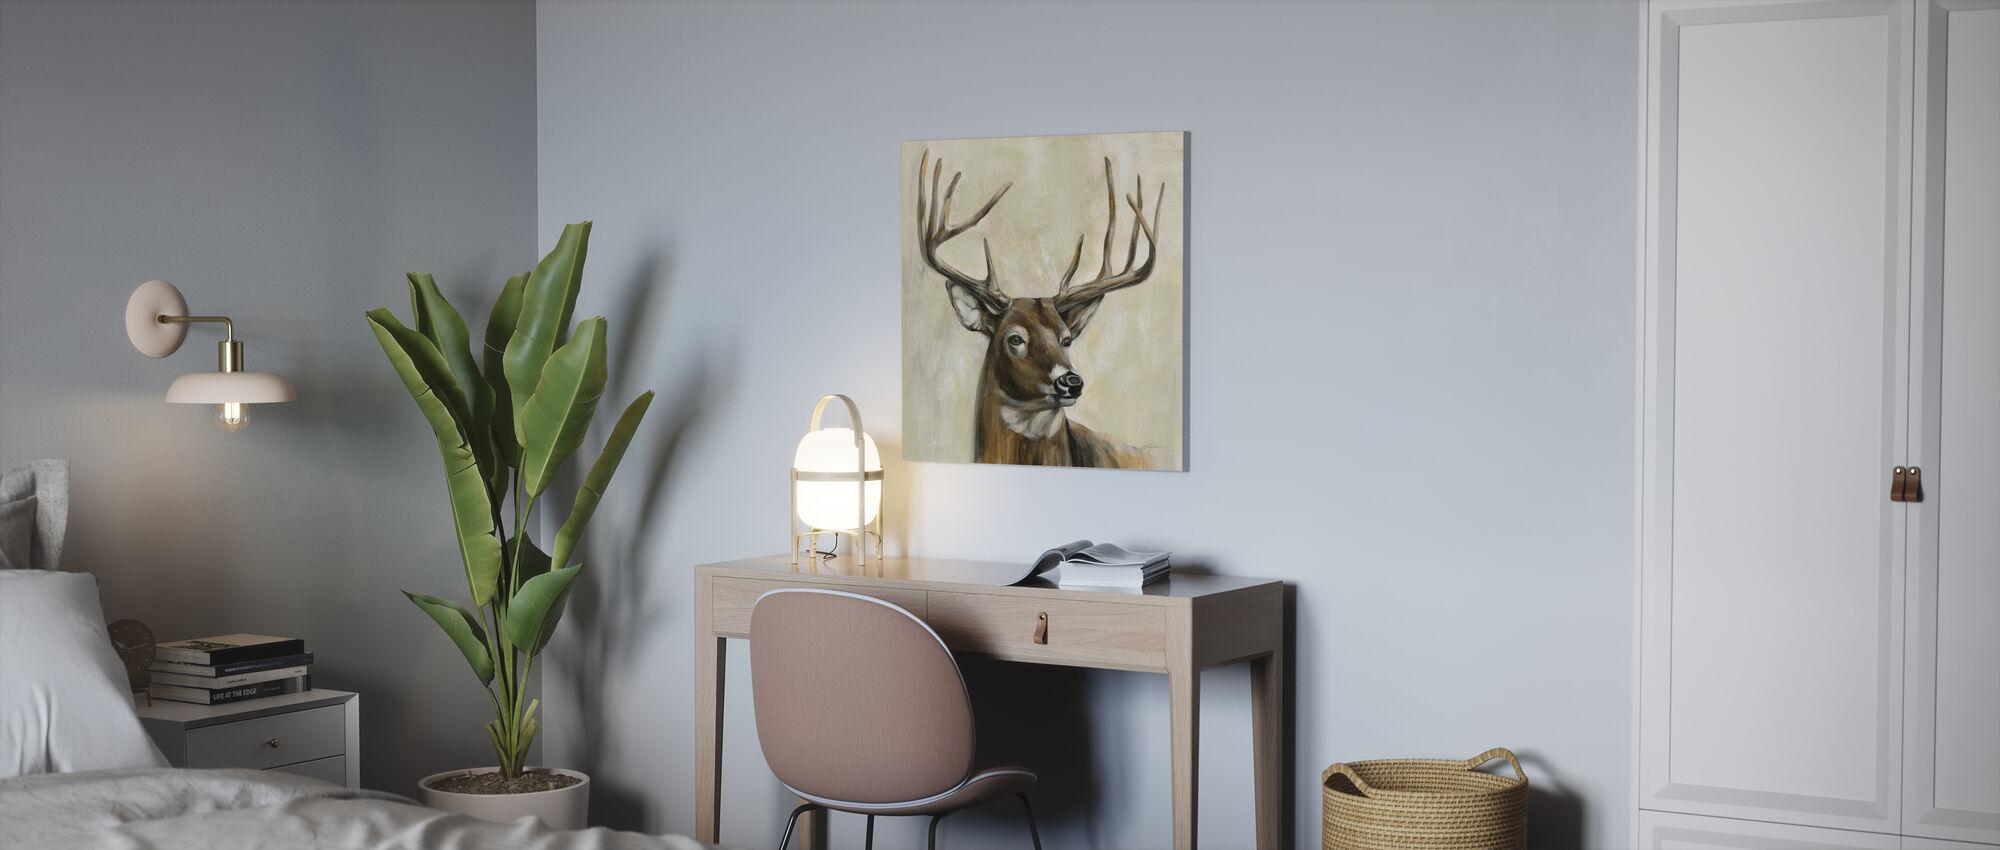 Bronze Deer - Canvas print - Office